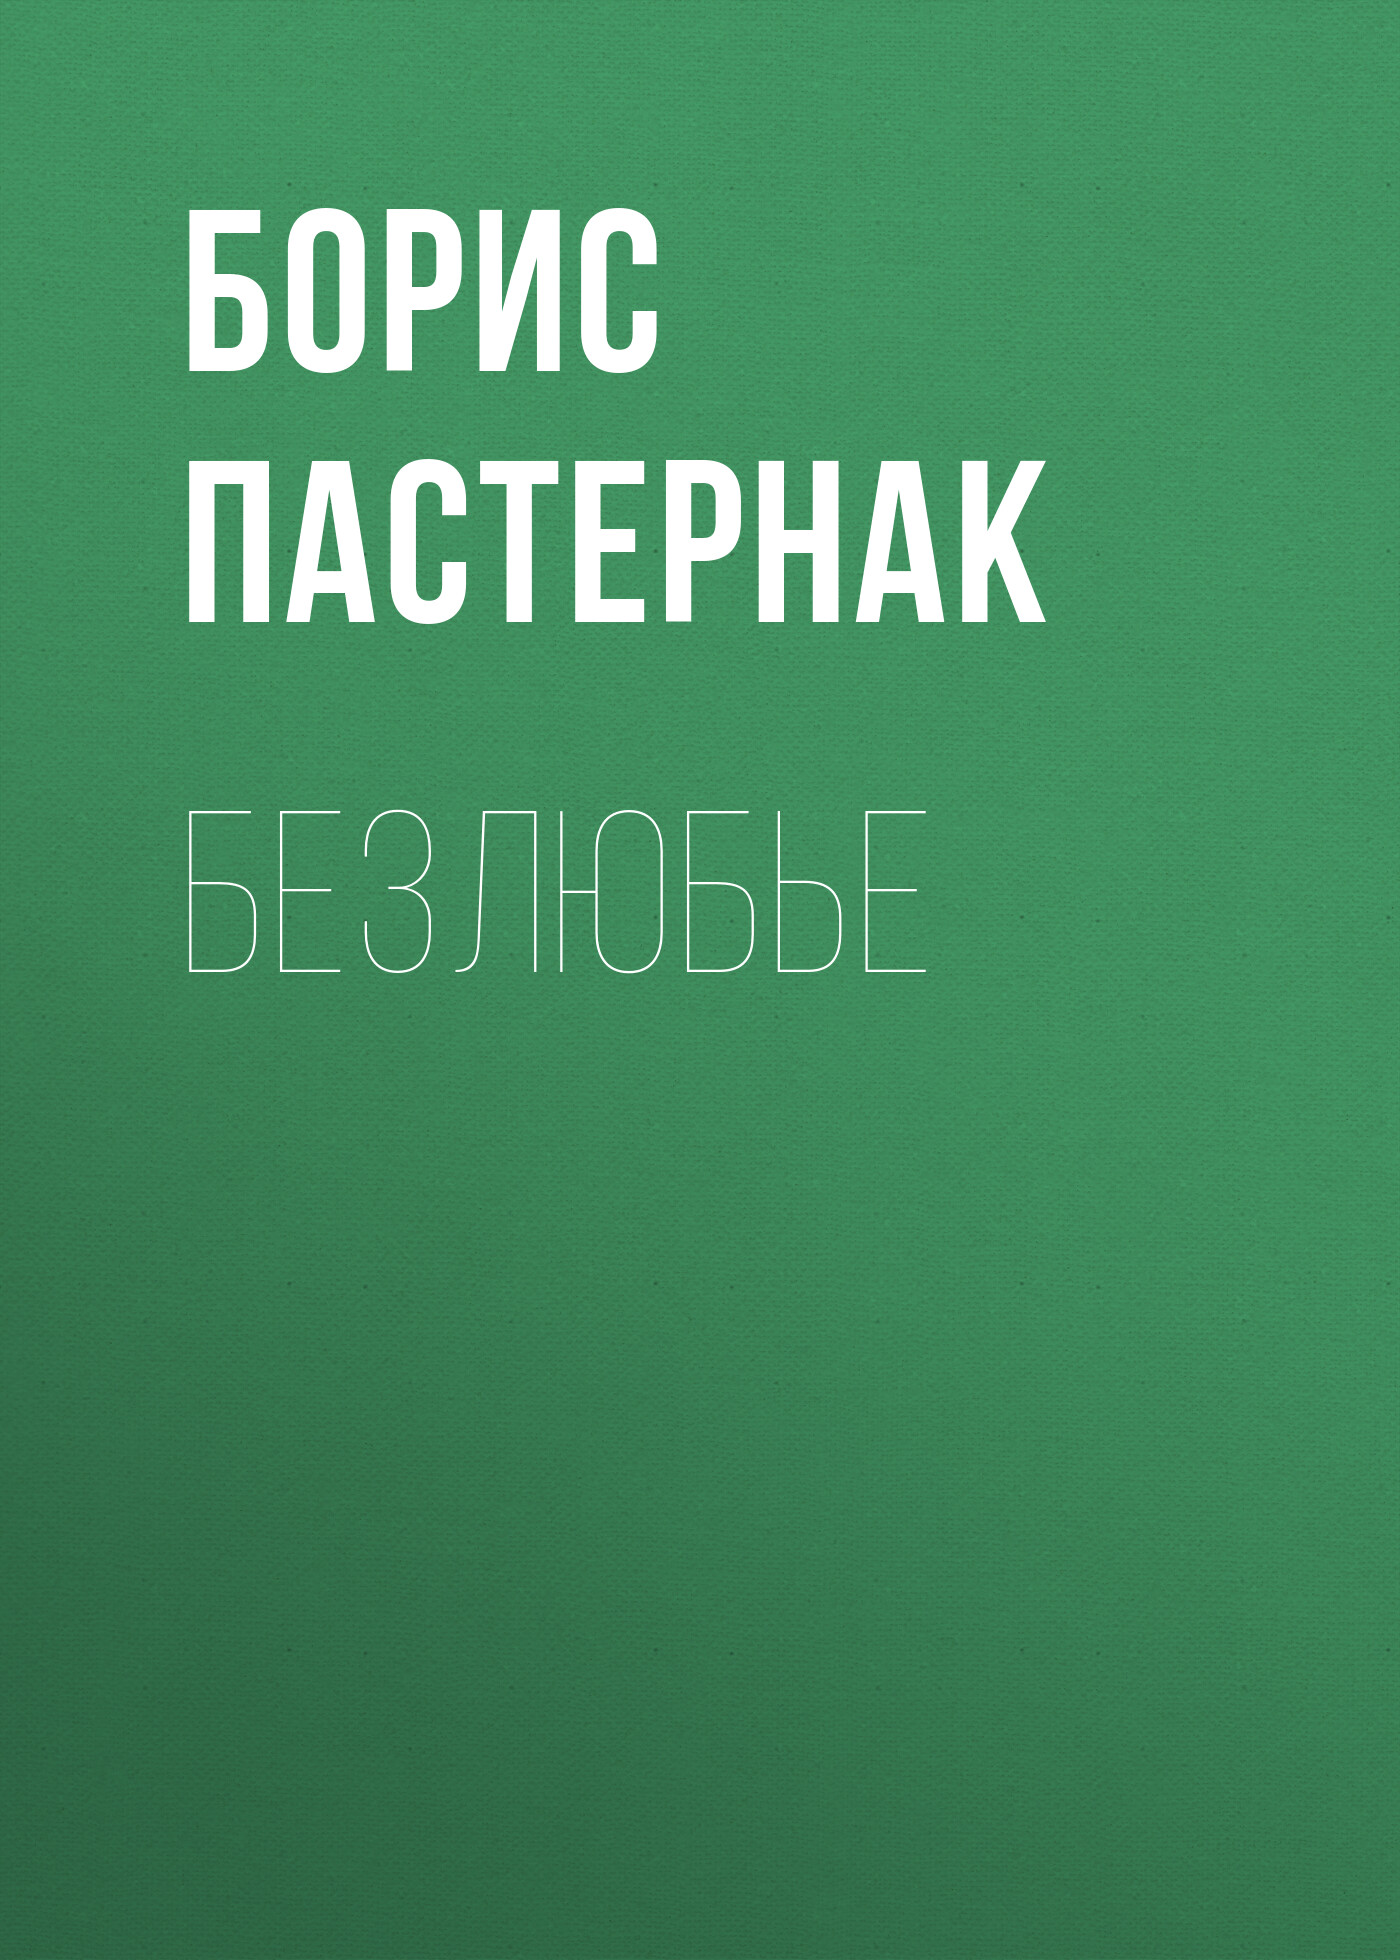 Борис Пастернак Безлюбье аполлинер гийом убиенный поэт повести